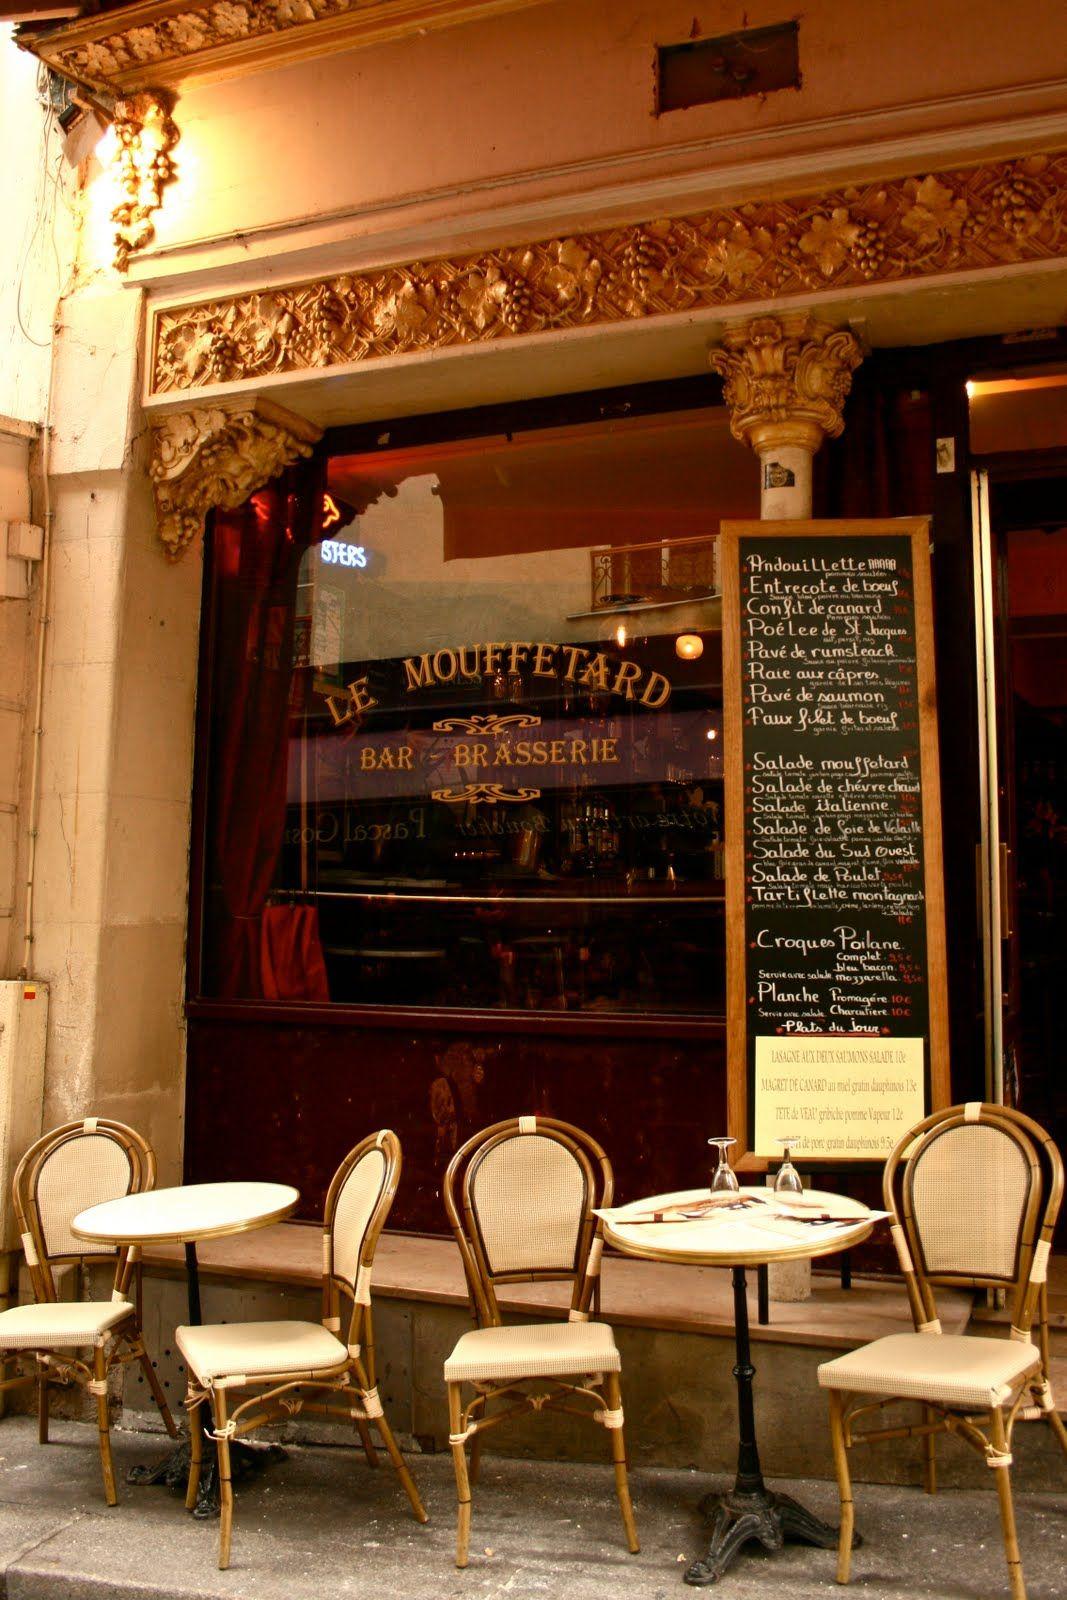 Le Mouffetard via: Paris Through My Lens: Paris cafes | restaurant ...